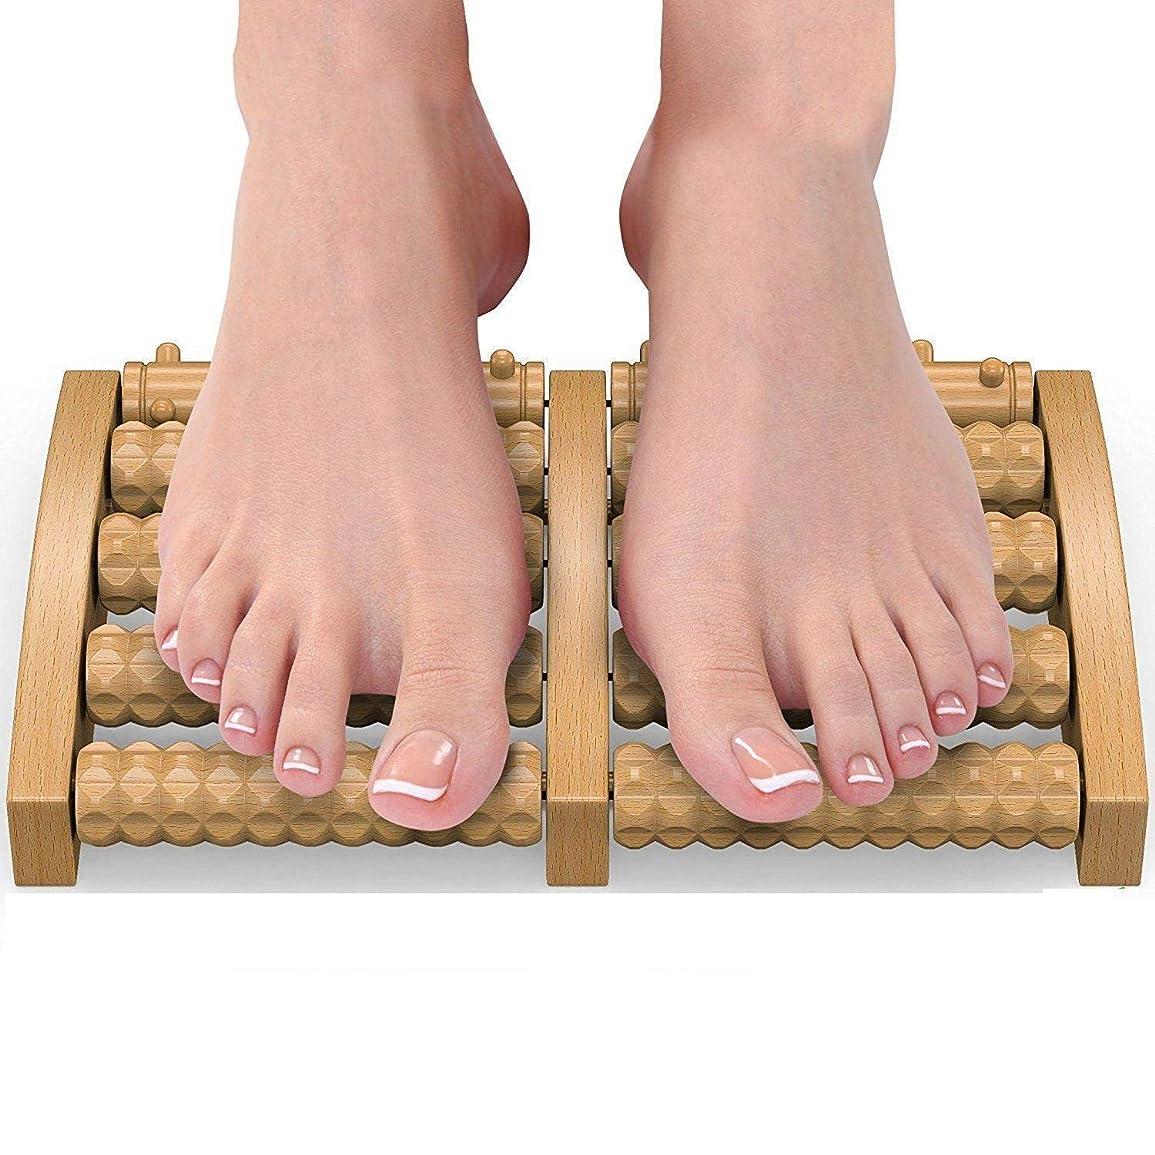 足のマッサージトマッサージャーフットマッサージローラー木製ホイール、足底筋膜炎ストレスヒールアーチ痛み指圧指圧緩和、2個を和らげる